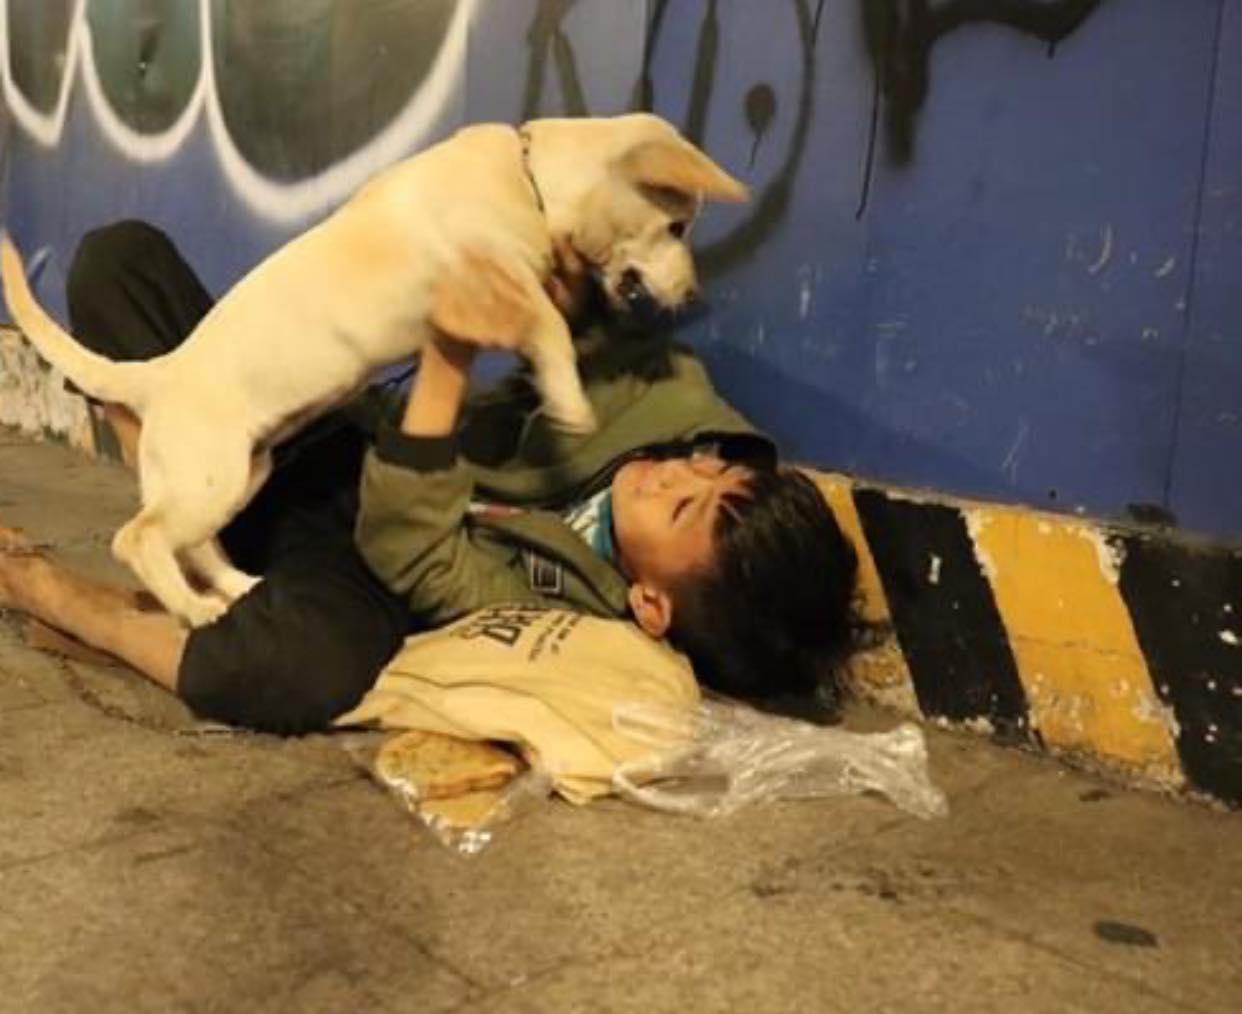 گدا در گوشه ای از شب سال نو نشست و سگ خانگی اش را محکم بغل کرد: